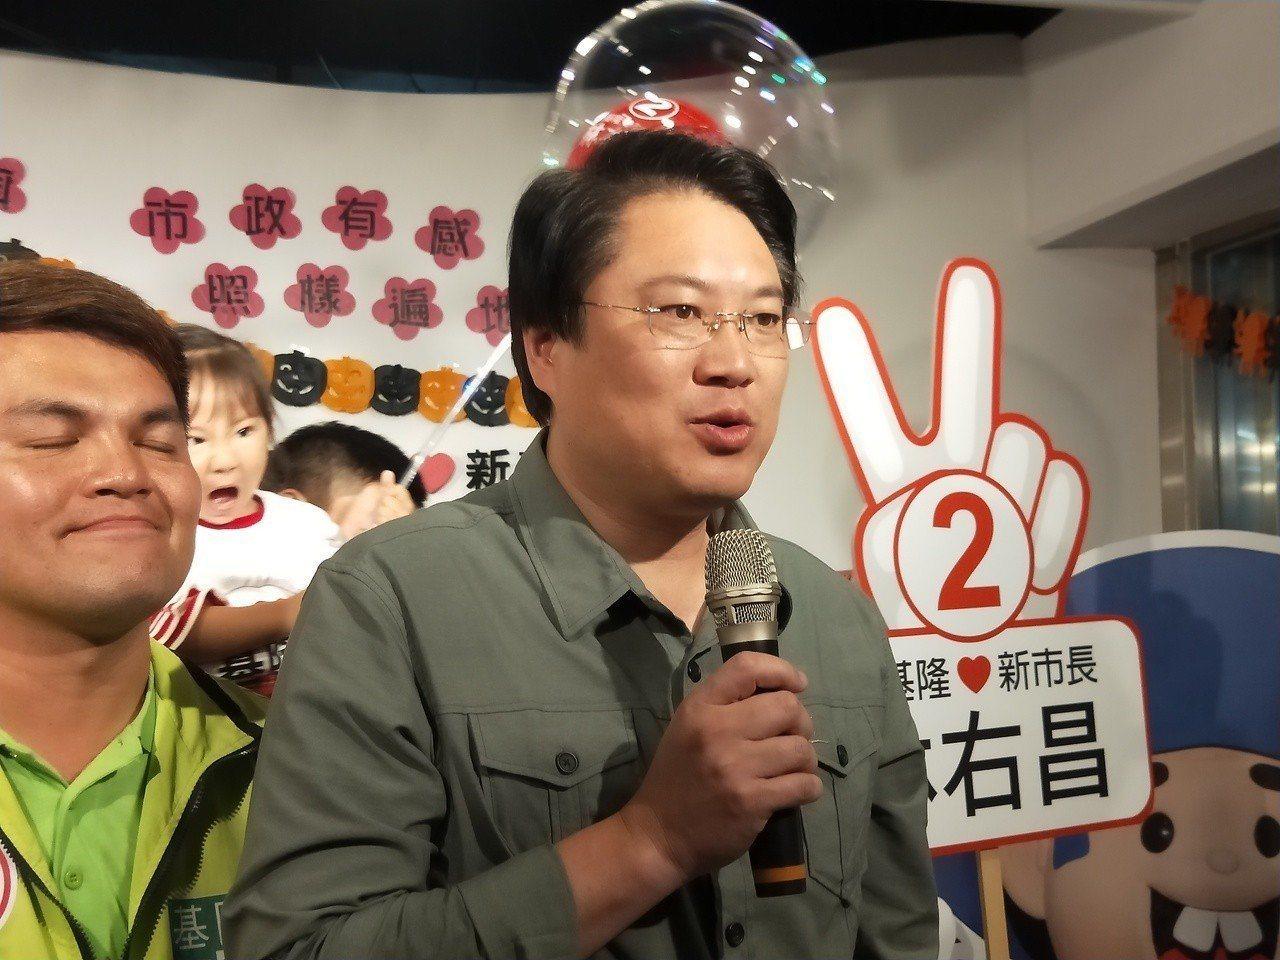 林右昌表示,選舉結果有非常多原因,歸咎在一個人身上太過簡化。 圖/聯合報系資料照...